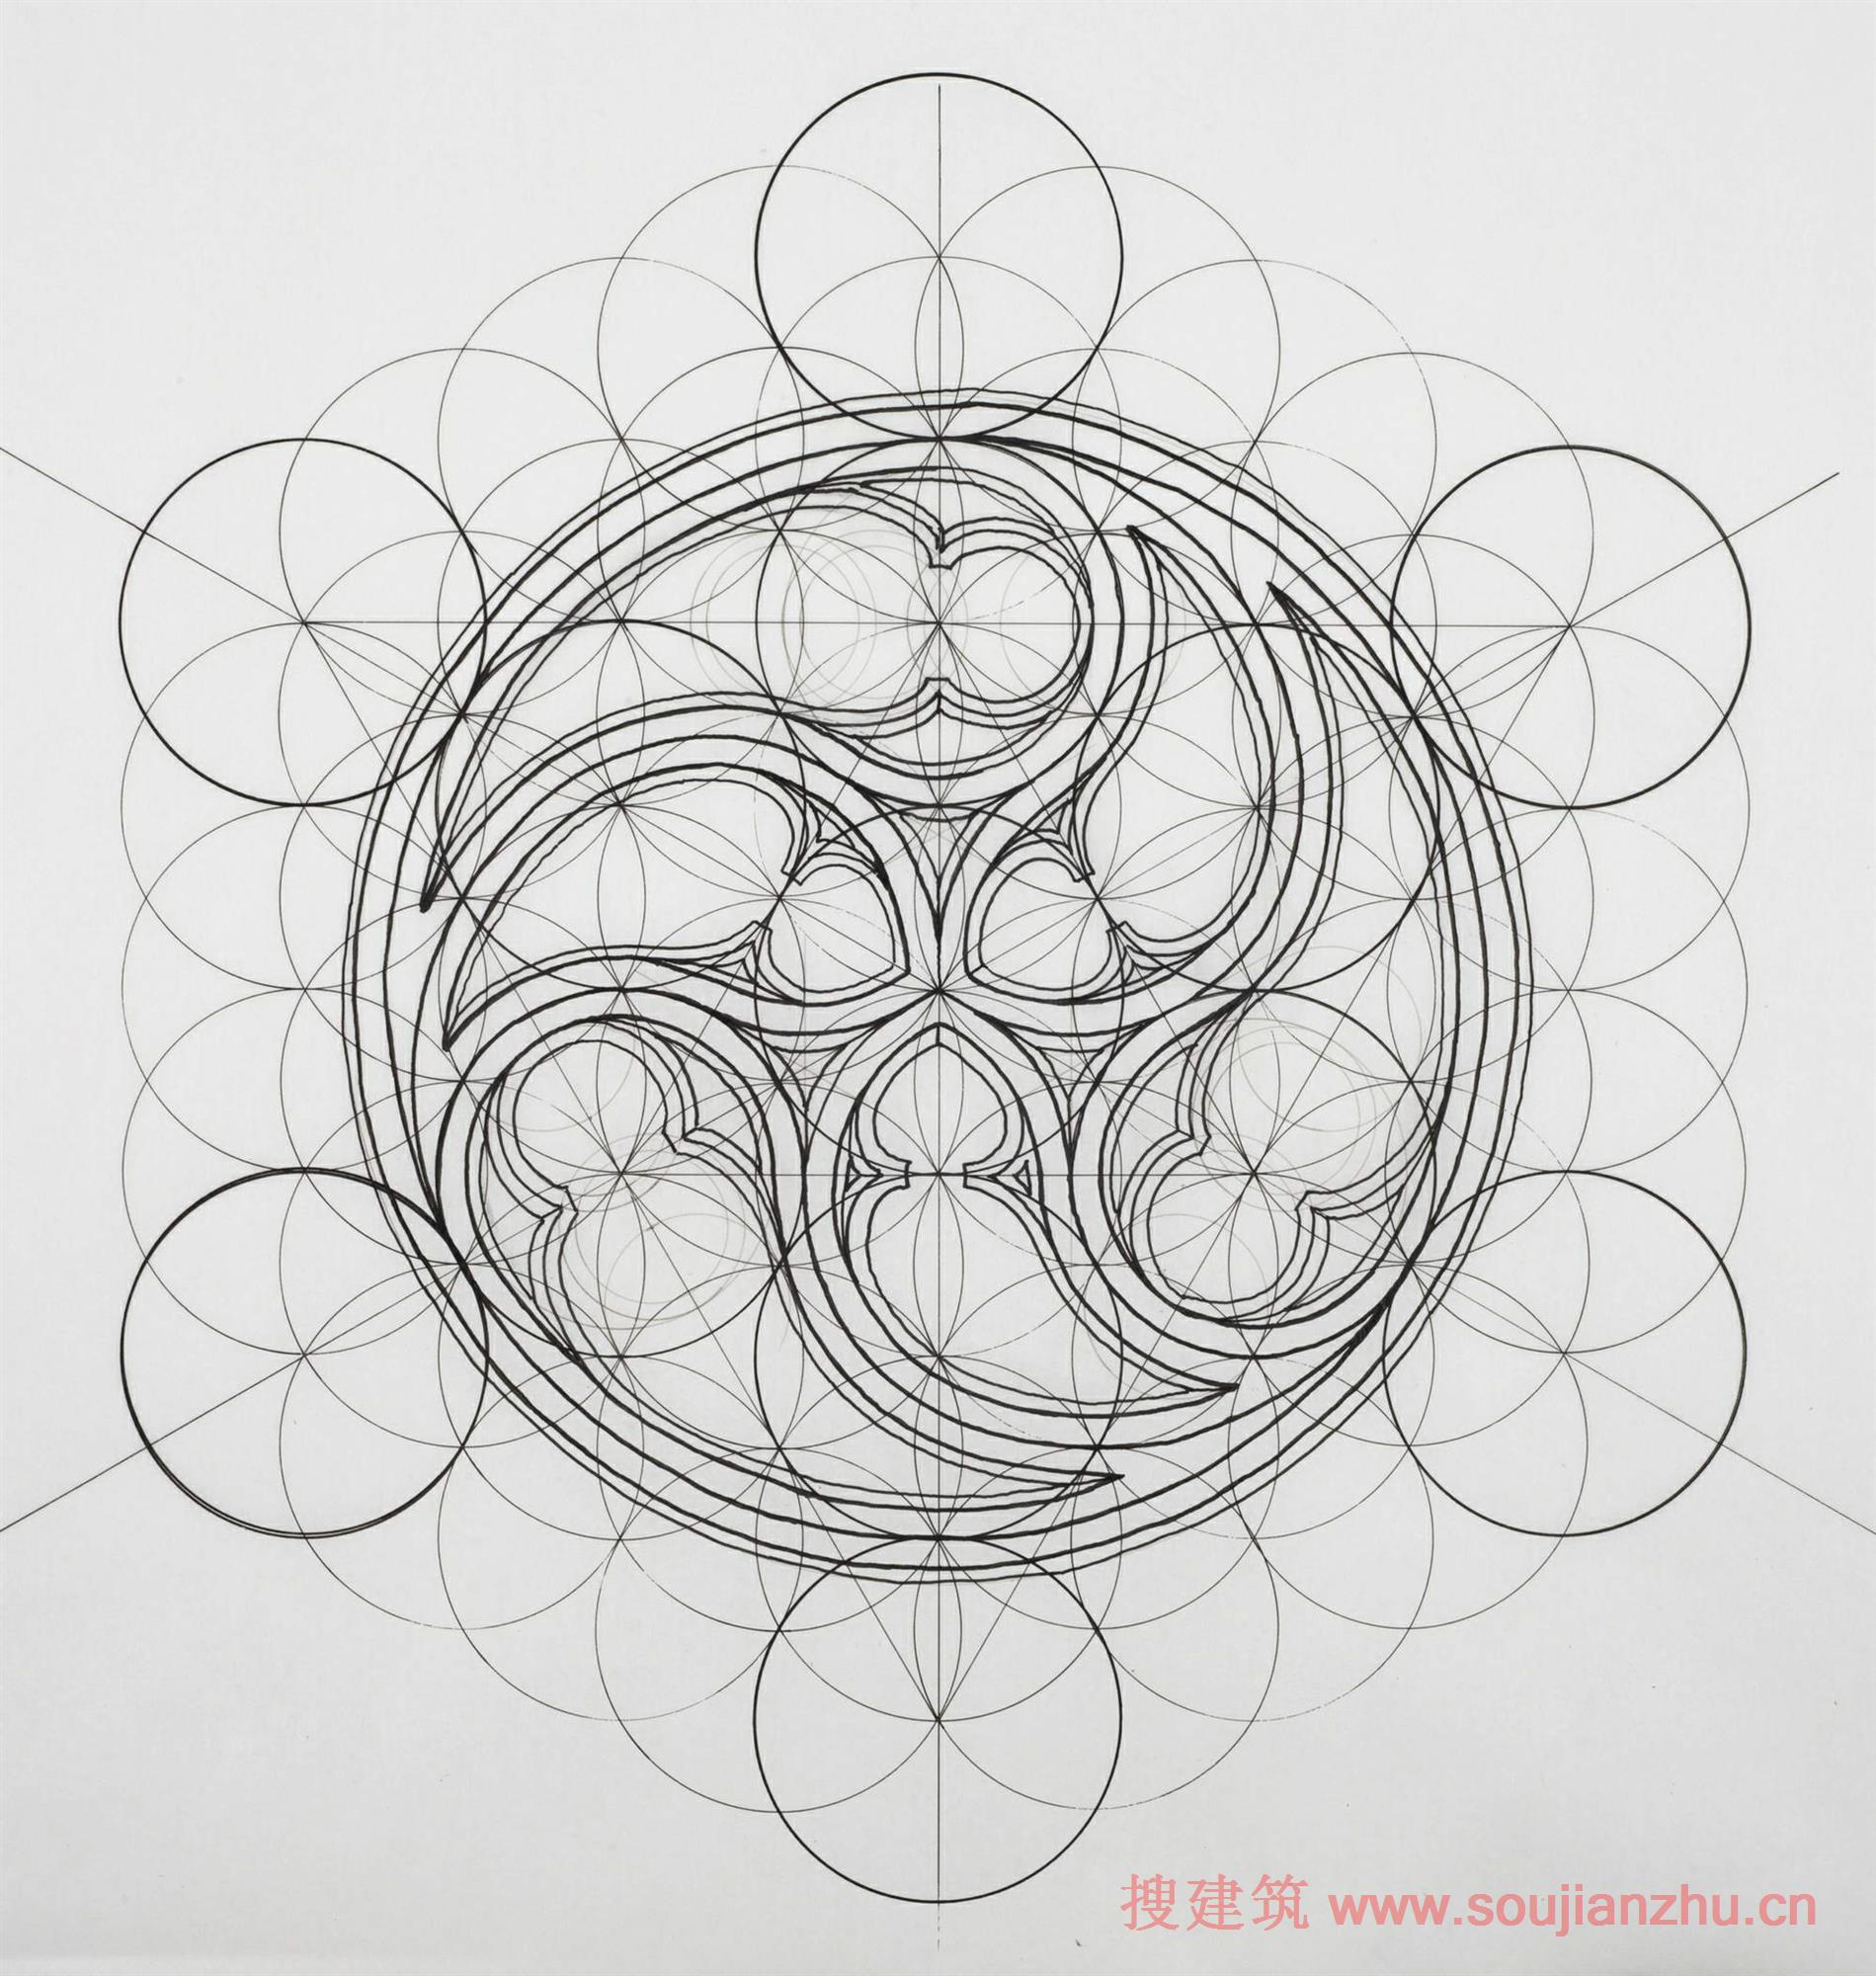 结果是完全由手工制作的大自然美丽的插图,其配有铅笔,尺,量角器.